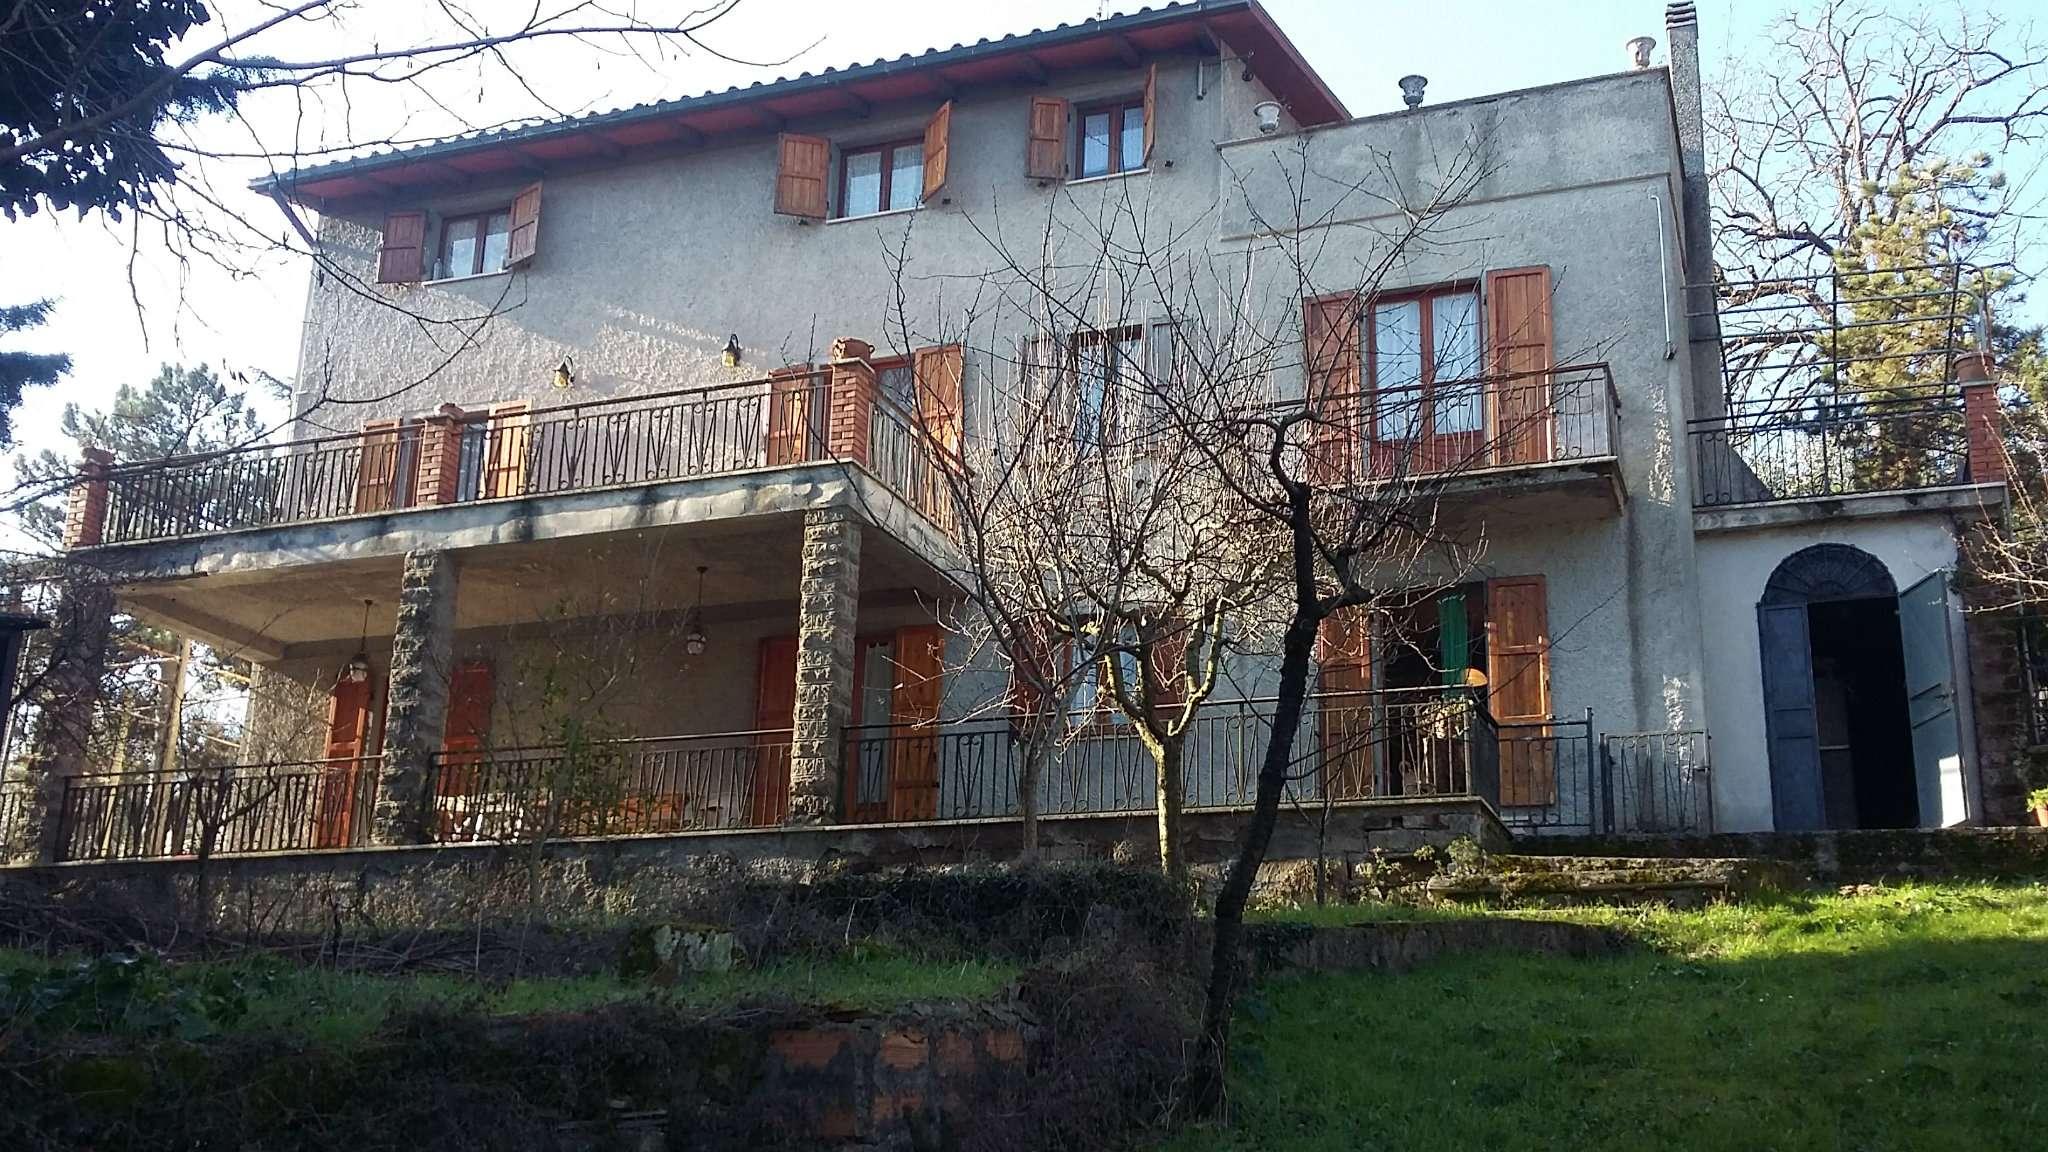 Soluzione Indipendente in vendita a Baschi, 7 locali, prezzo € 500.000 | CambioCasa.it